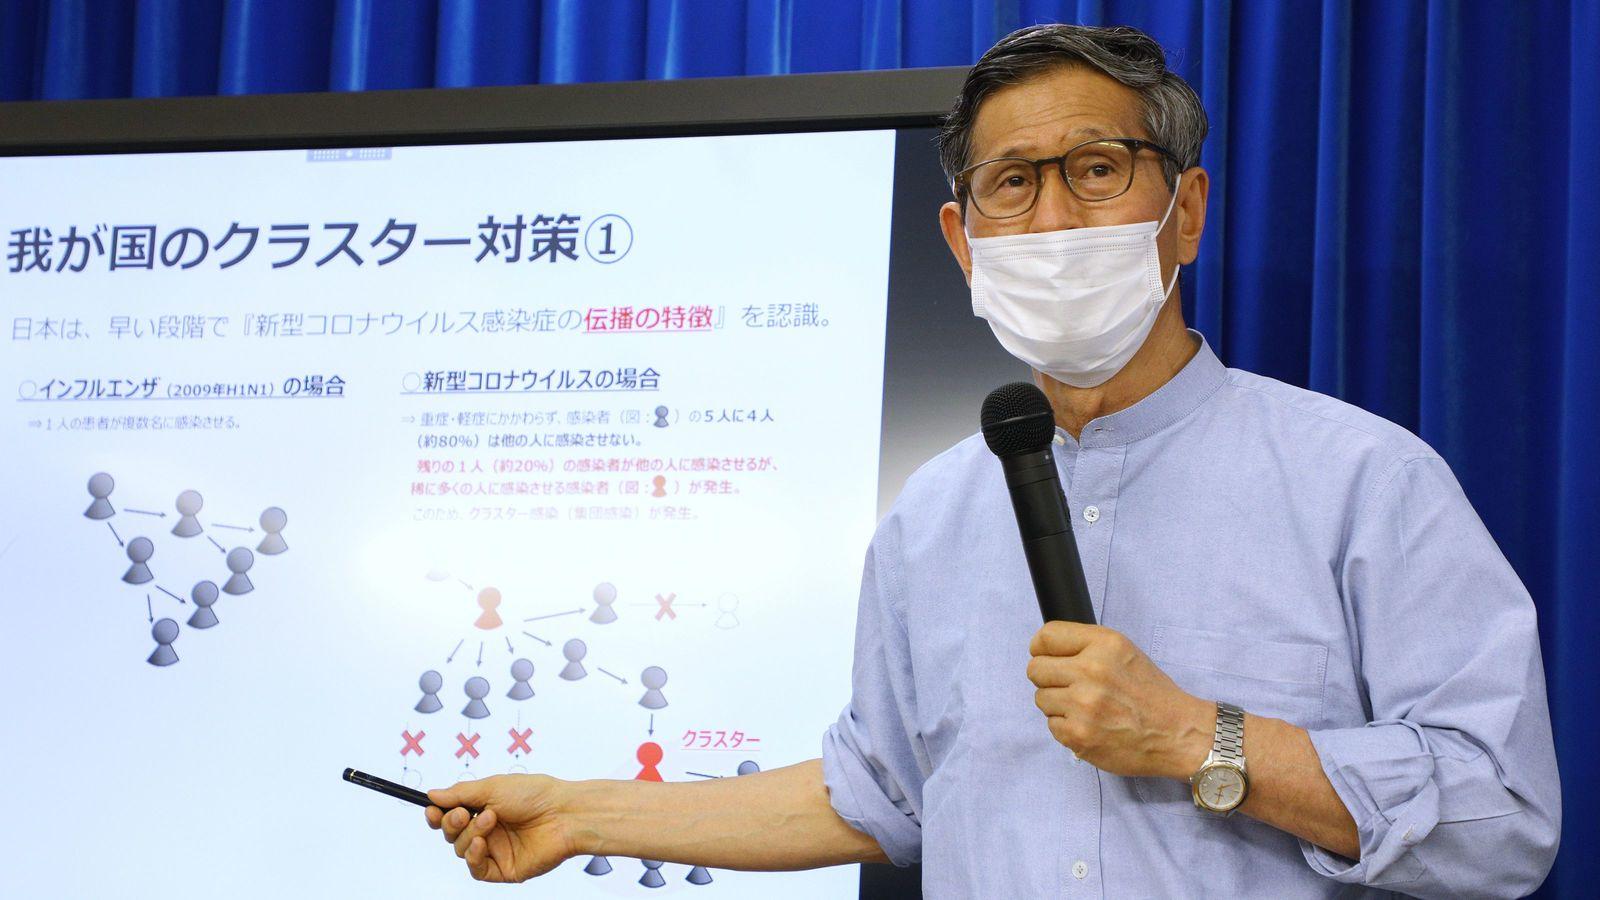 コロナ対応を「感染症の専門家」にしか聞かない日本人の総バカ化 情報の偏りが何も見えていない